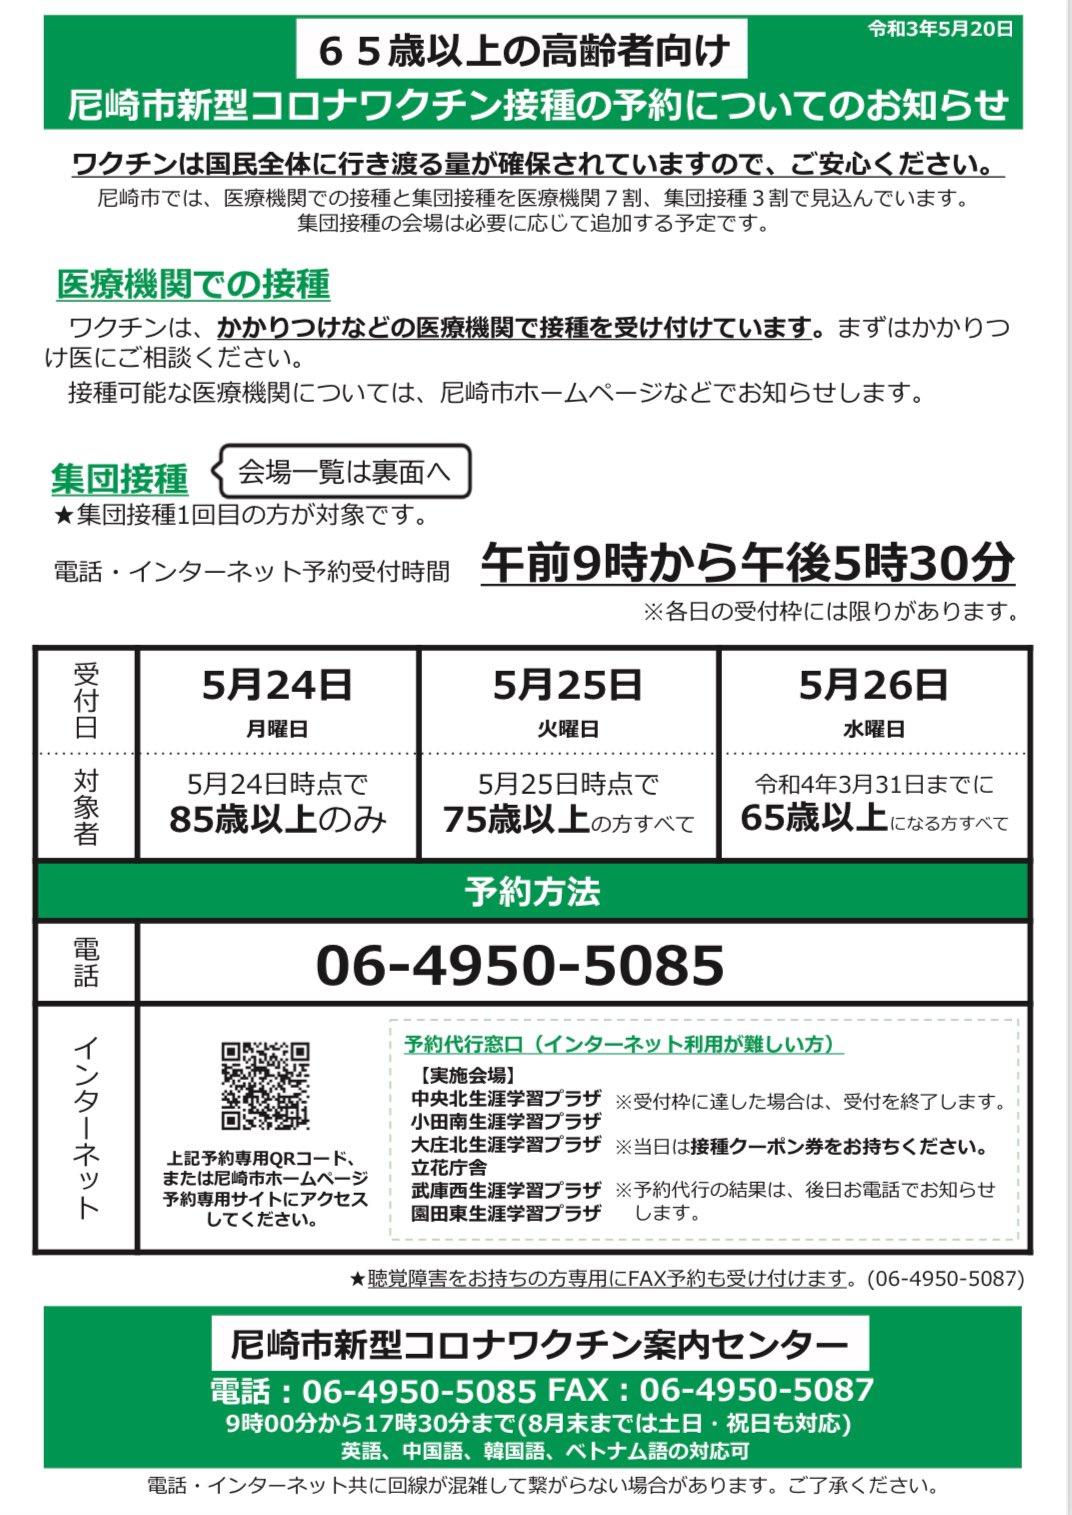 尼崎市ワクチン接種予約(2回目)